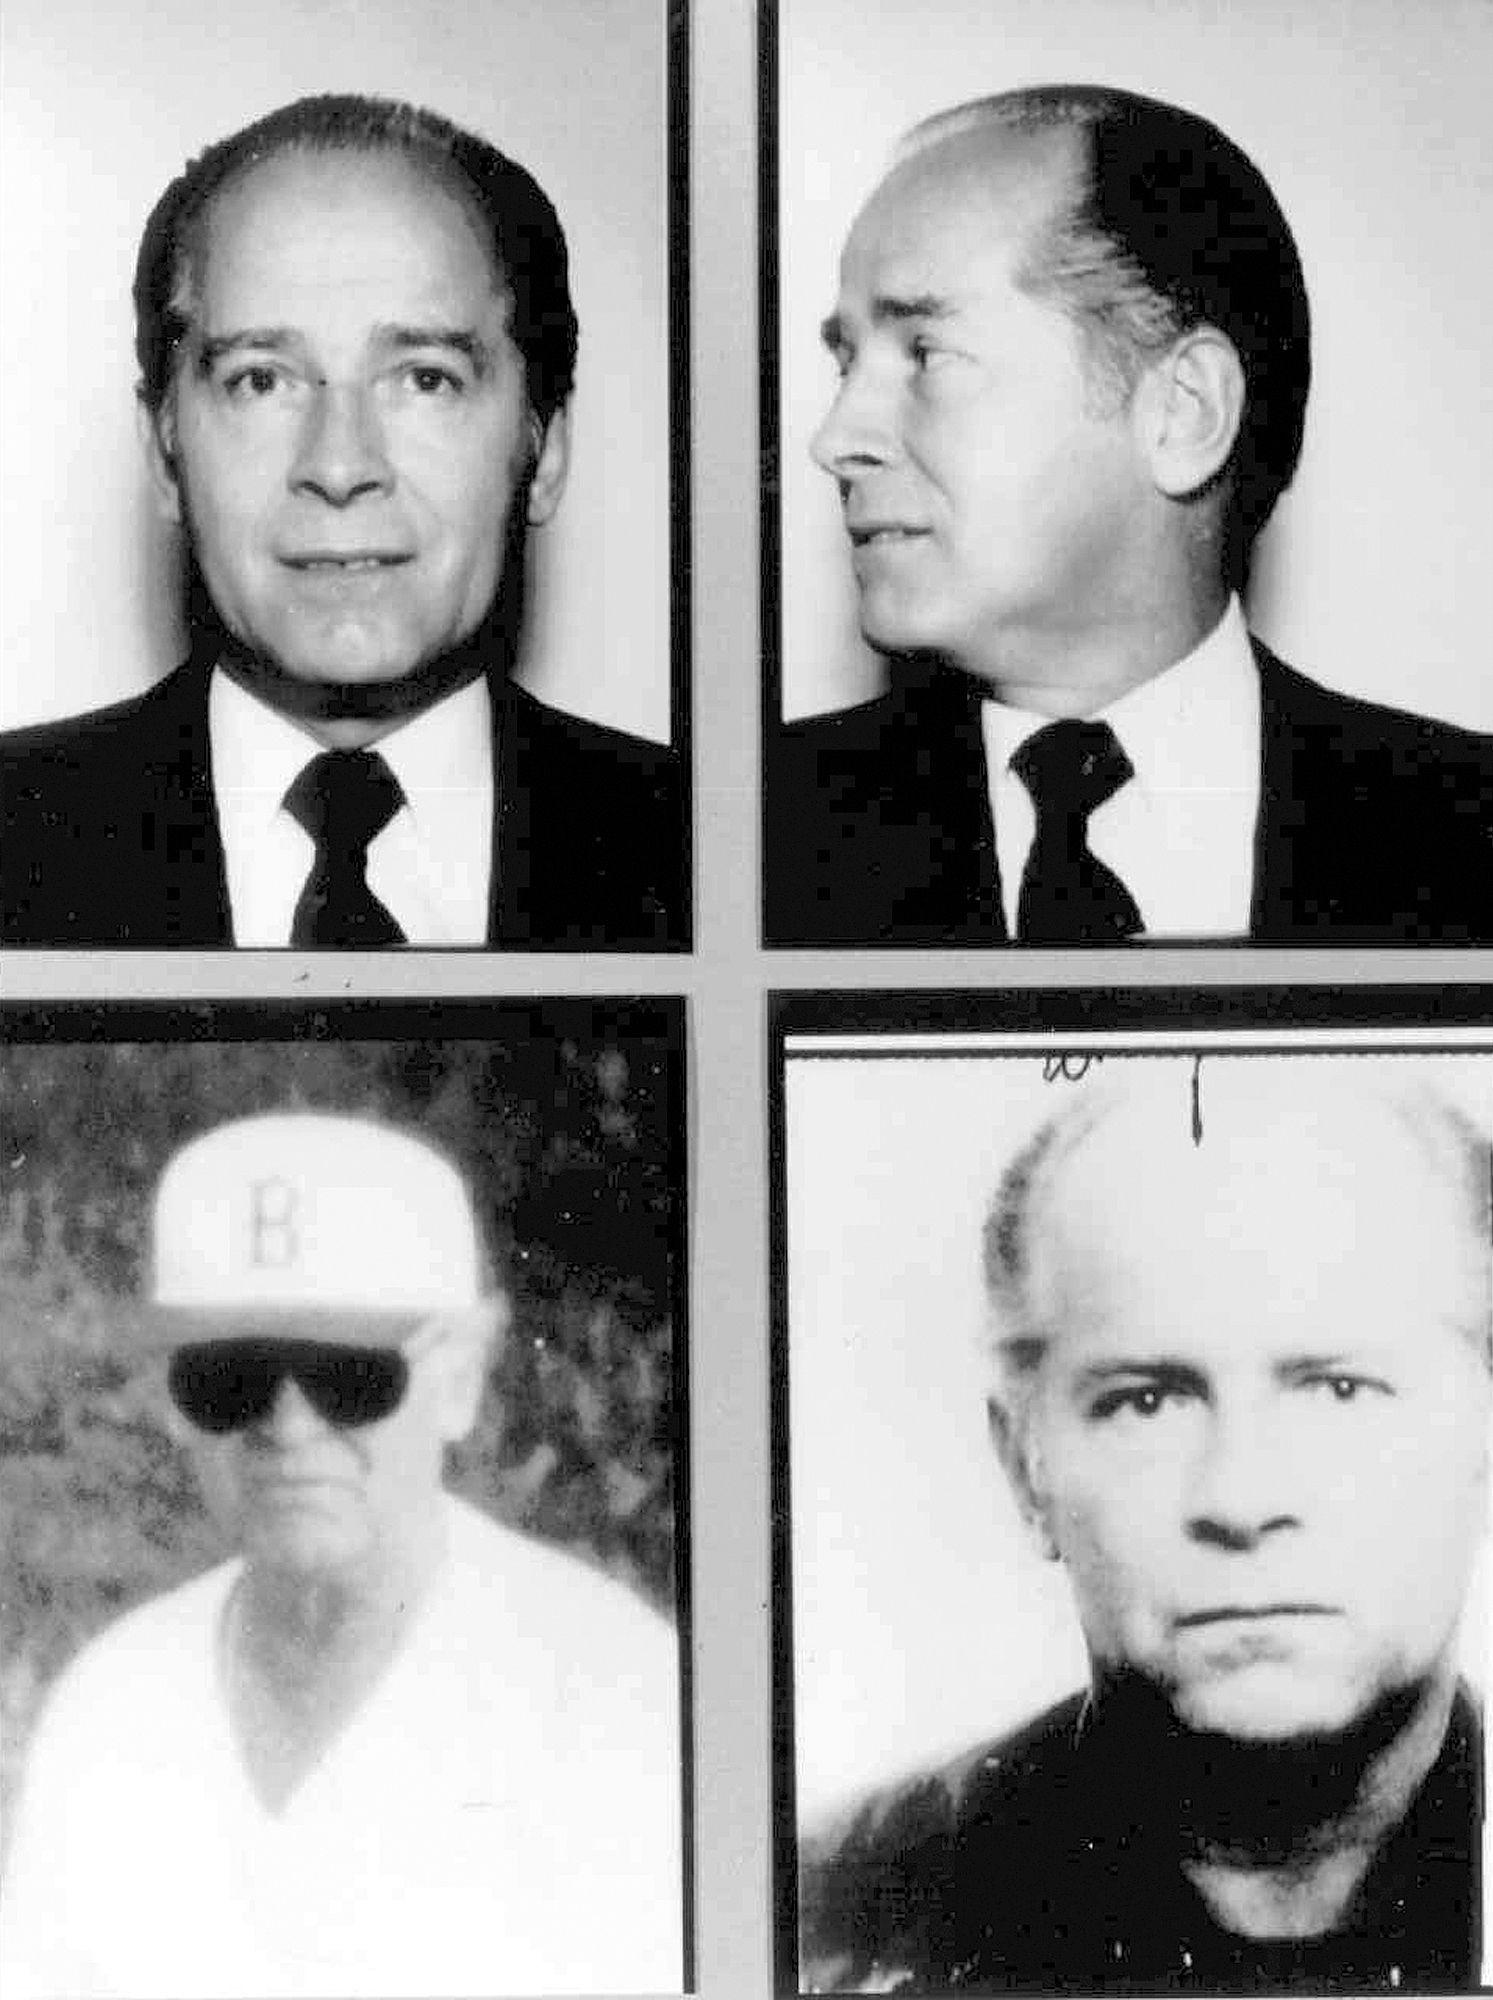 PÅ RØMMEN: Etter 16 år på rømmen ble mafiabossen «Whitey» til slutt pågrepet av politiet. Han ble dømt til fengsel på livstid for elleve drap.